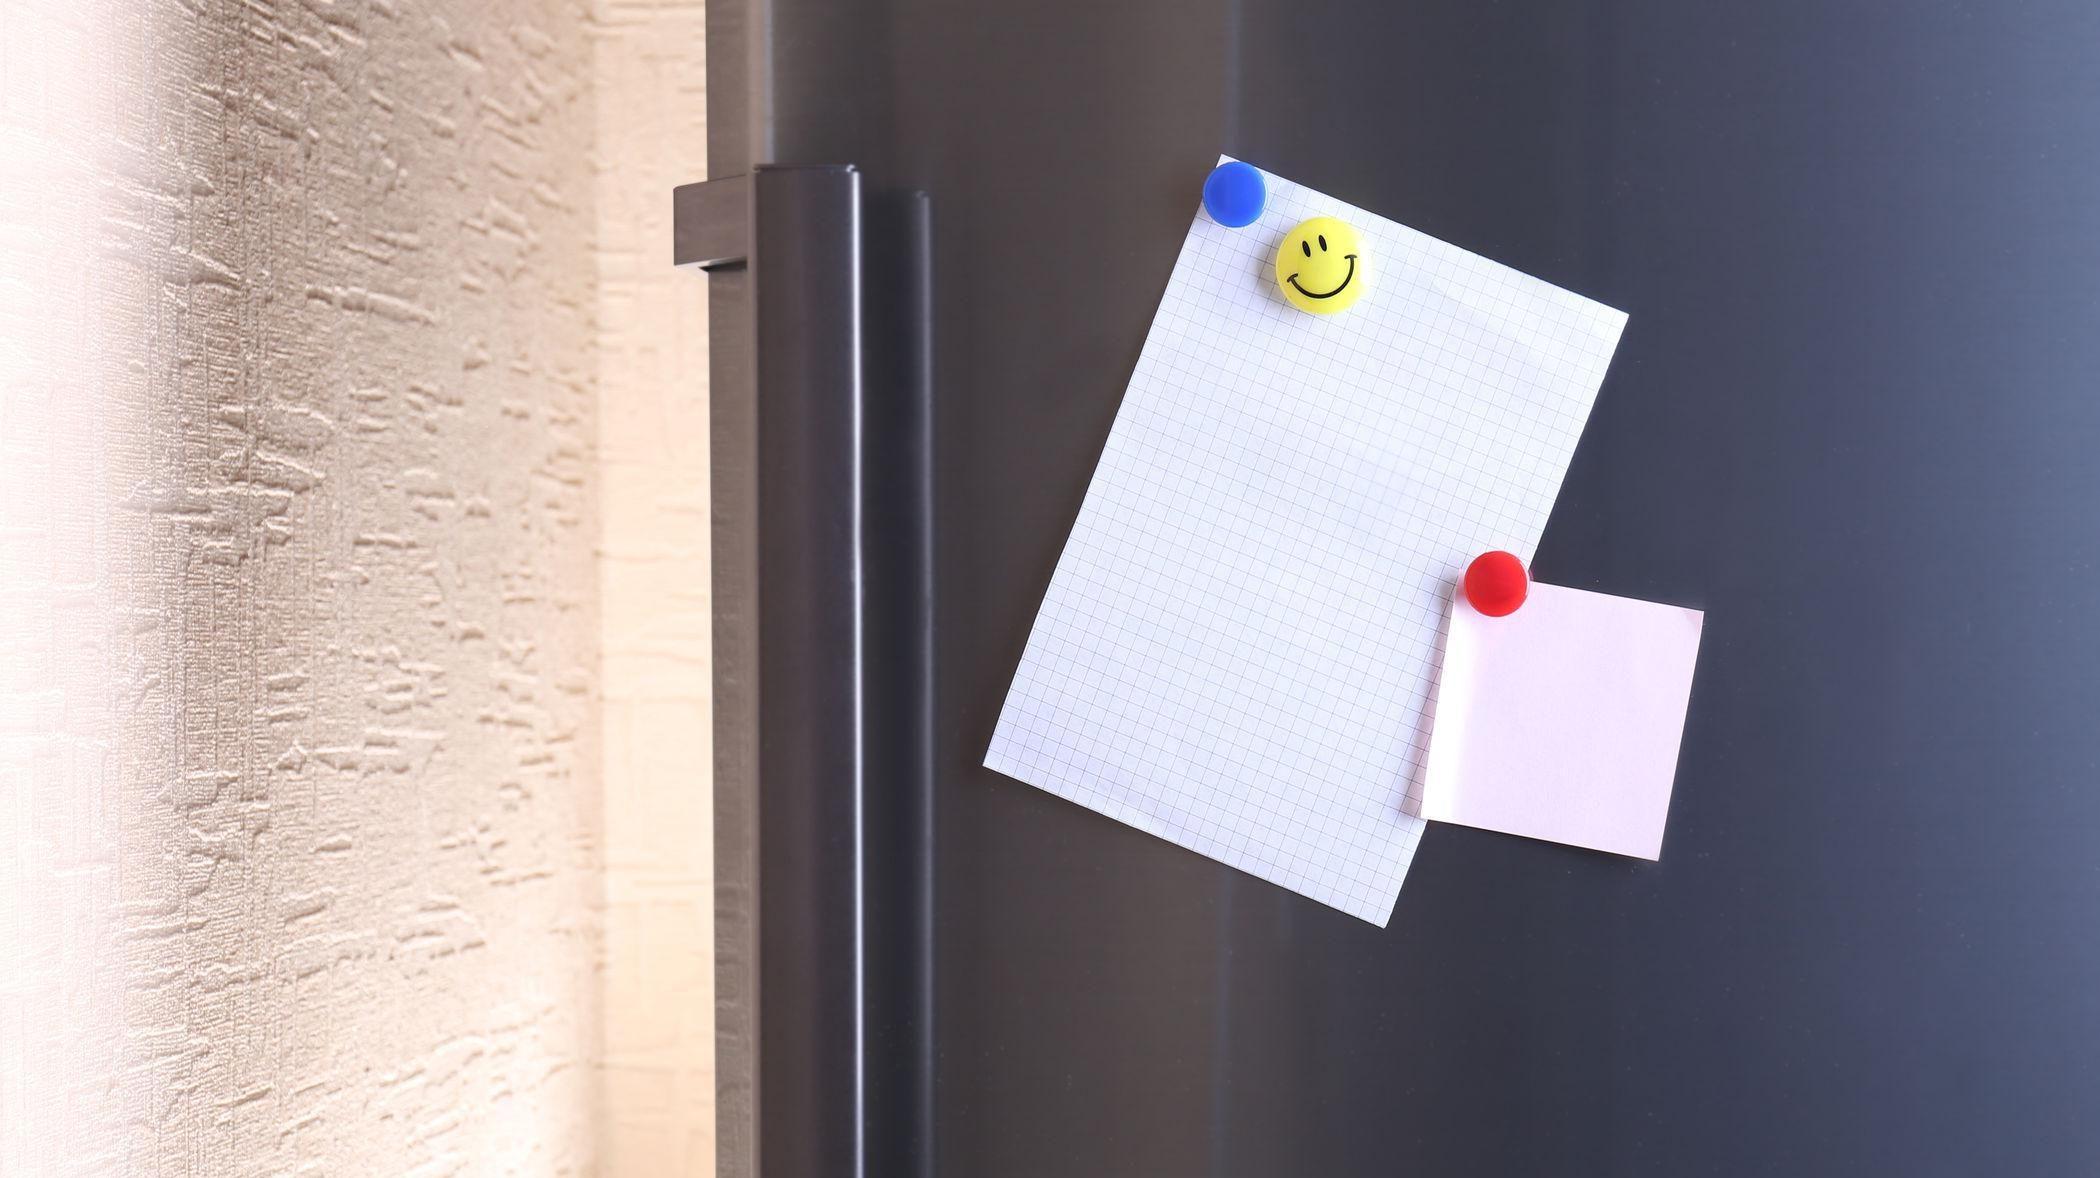 Стикеры на холодильнике